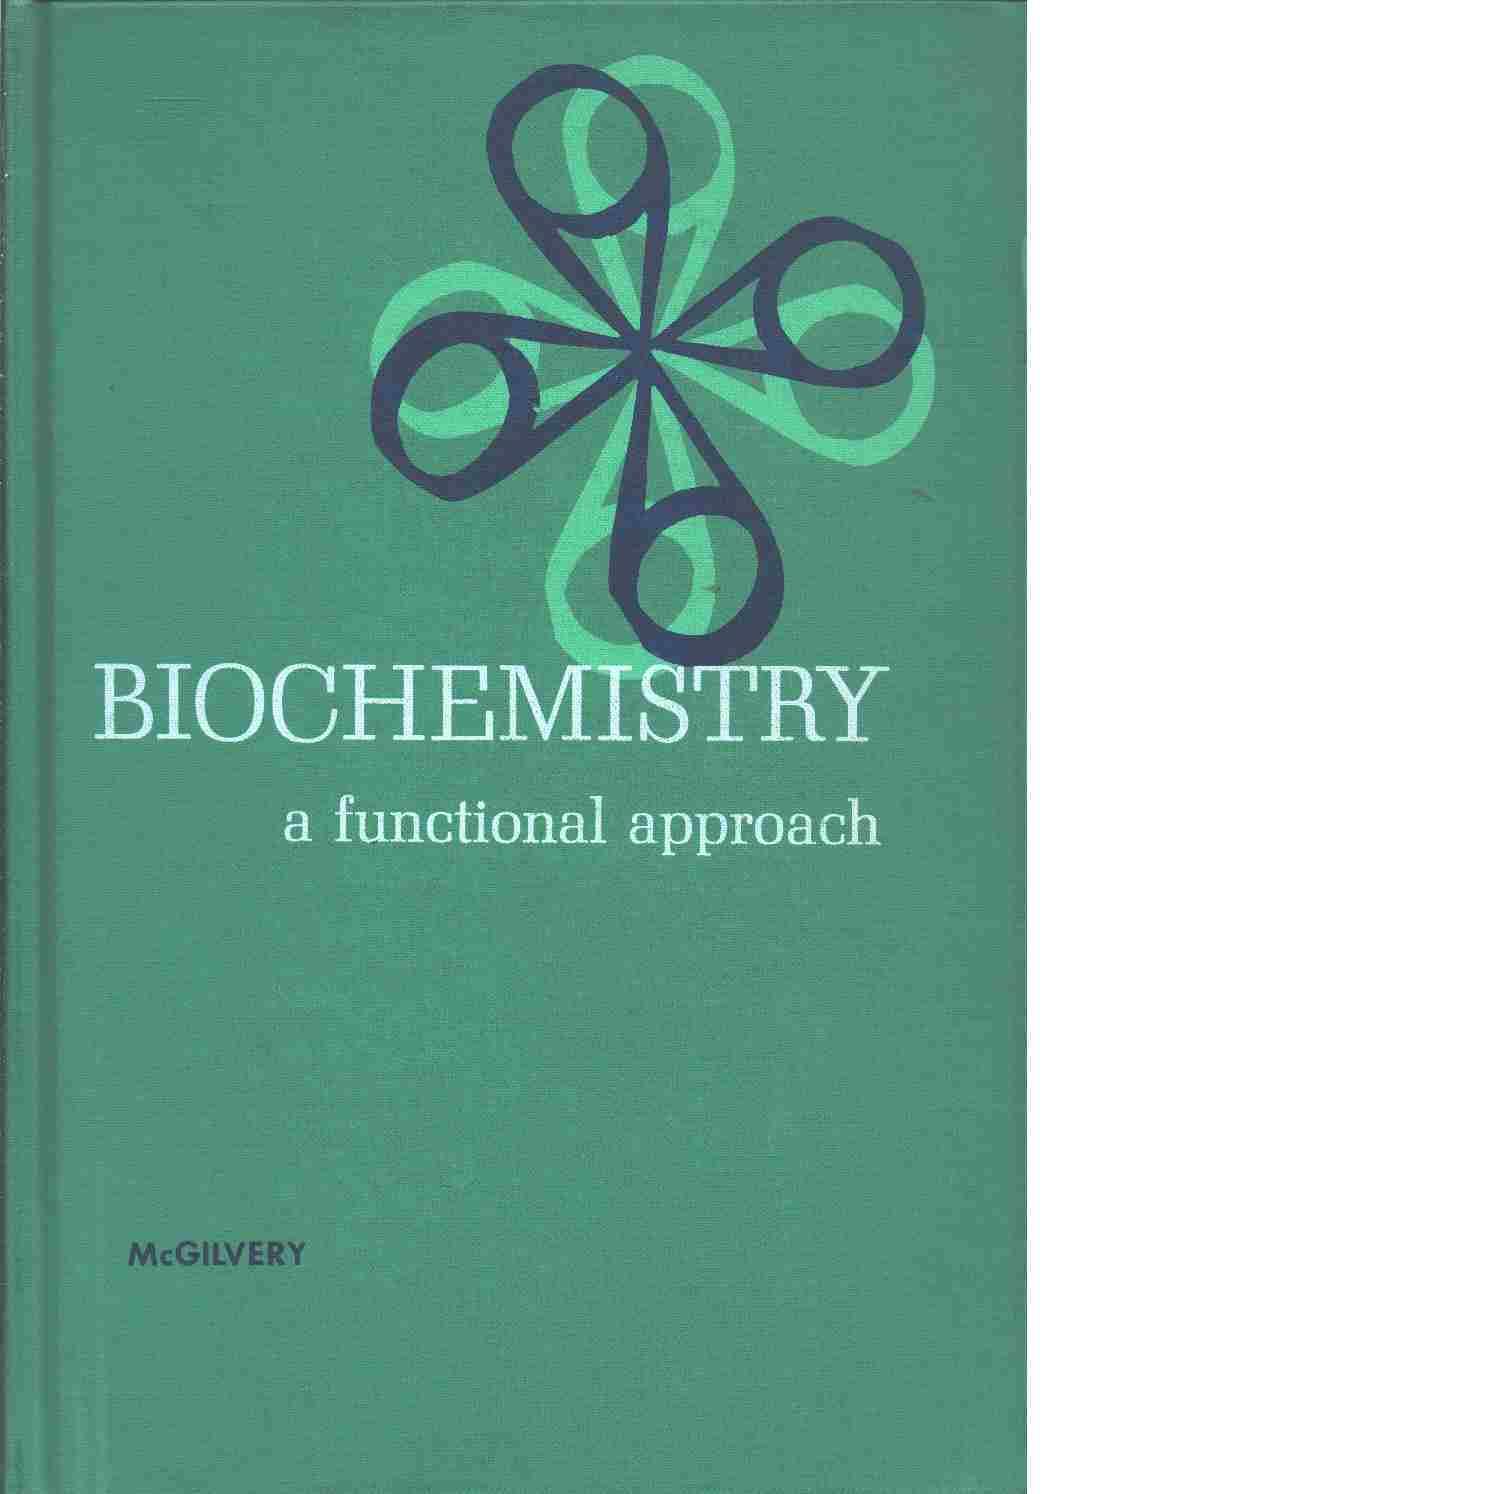 Biochemistry - McGilvery, Robert Warren